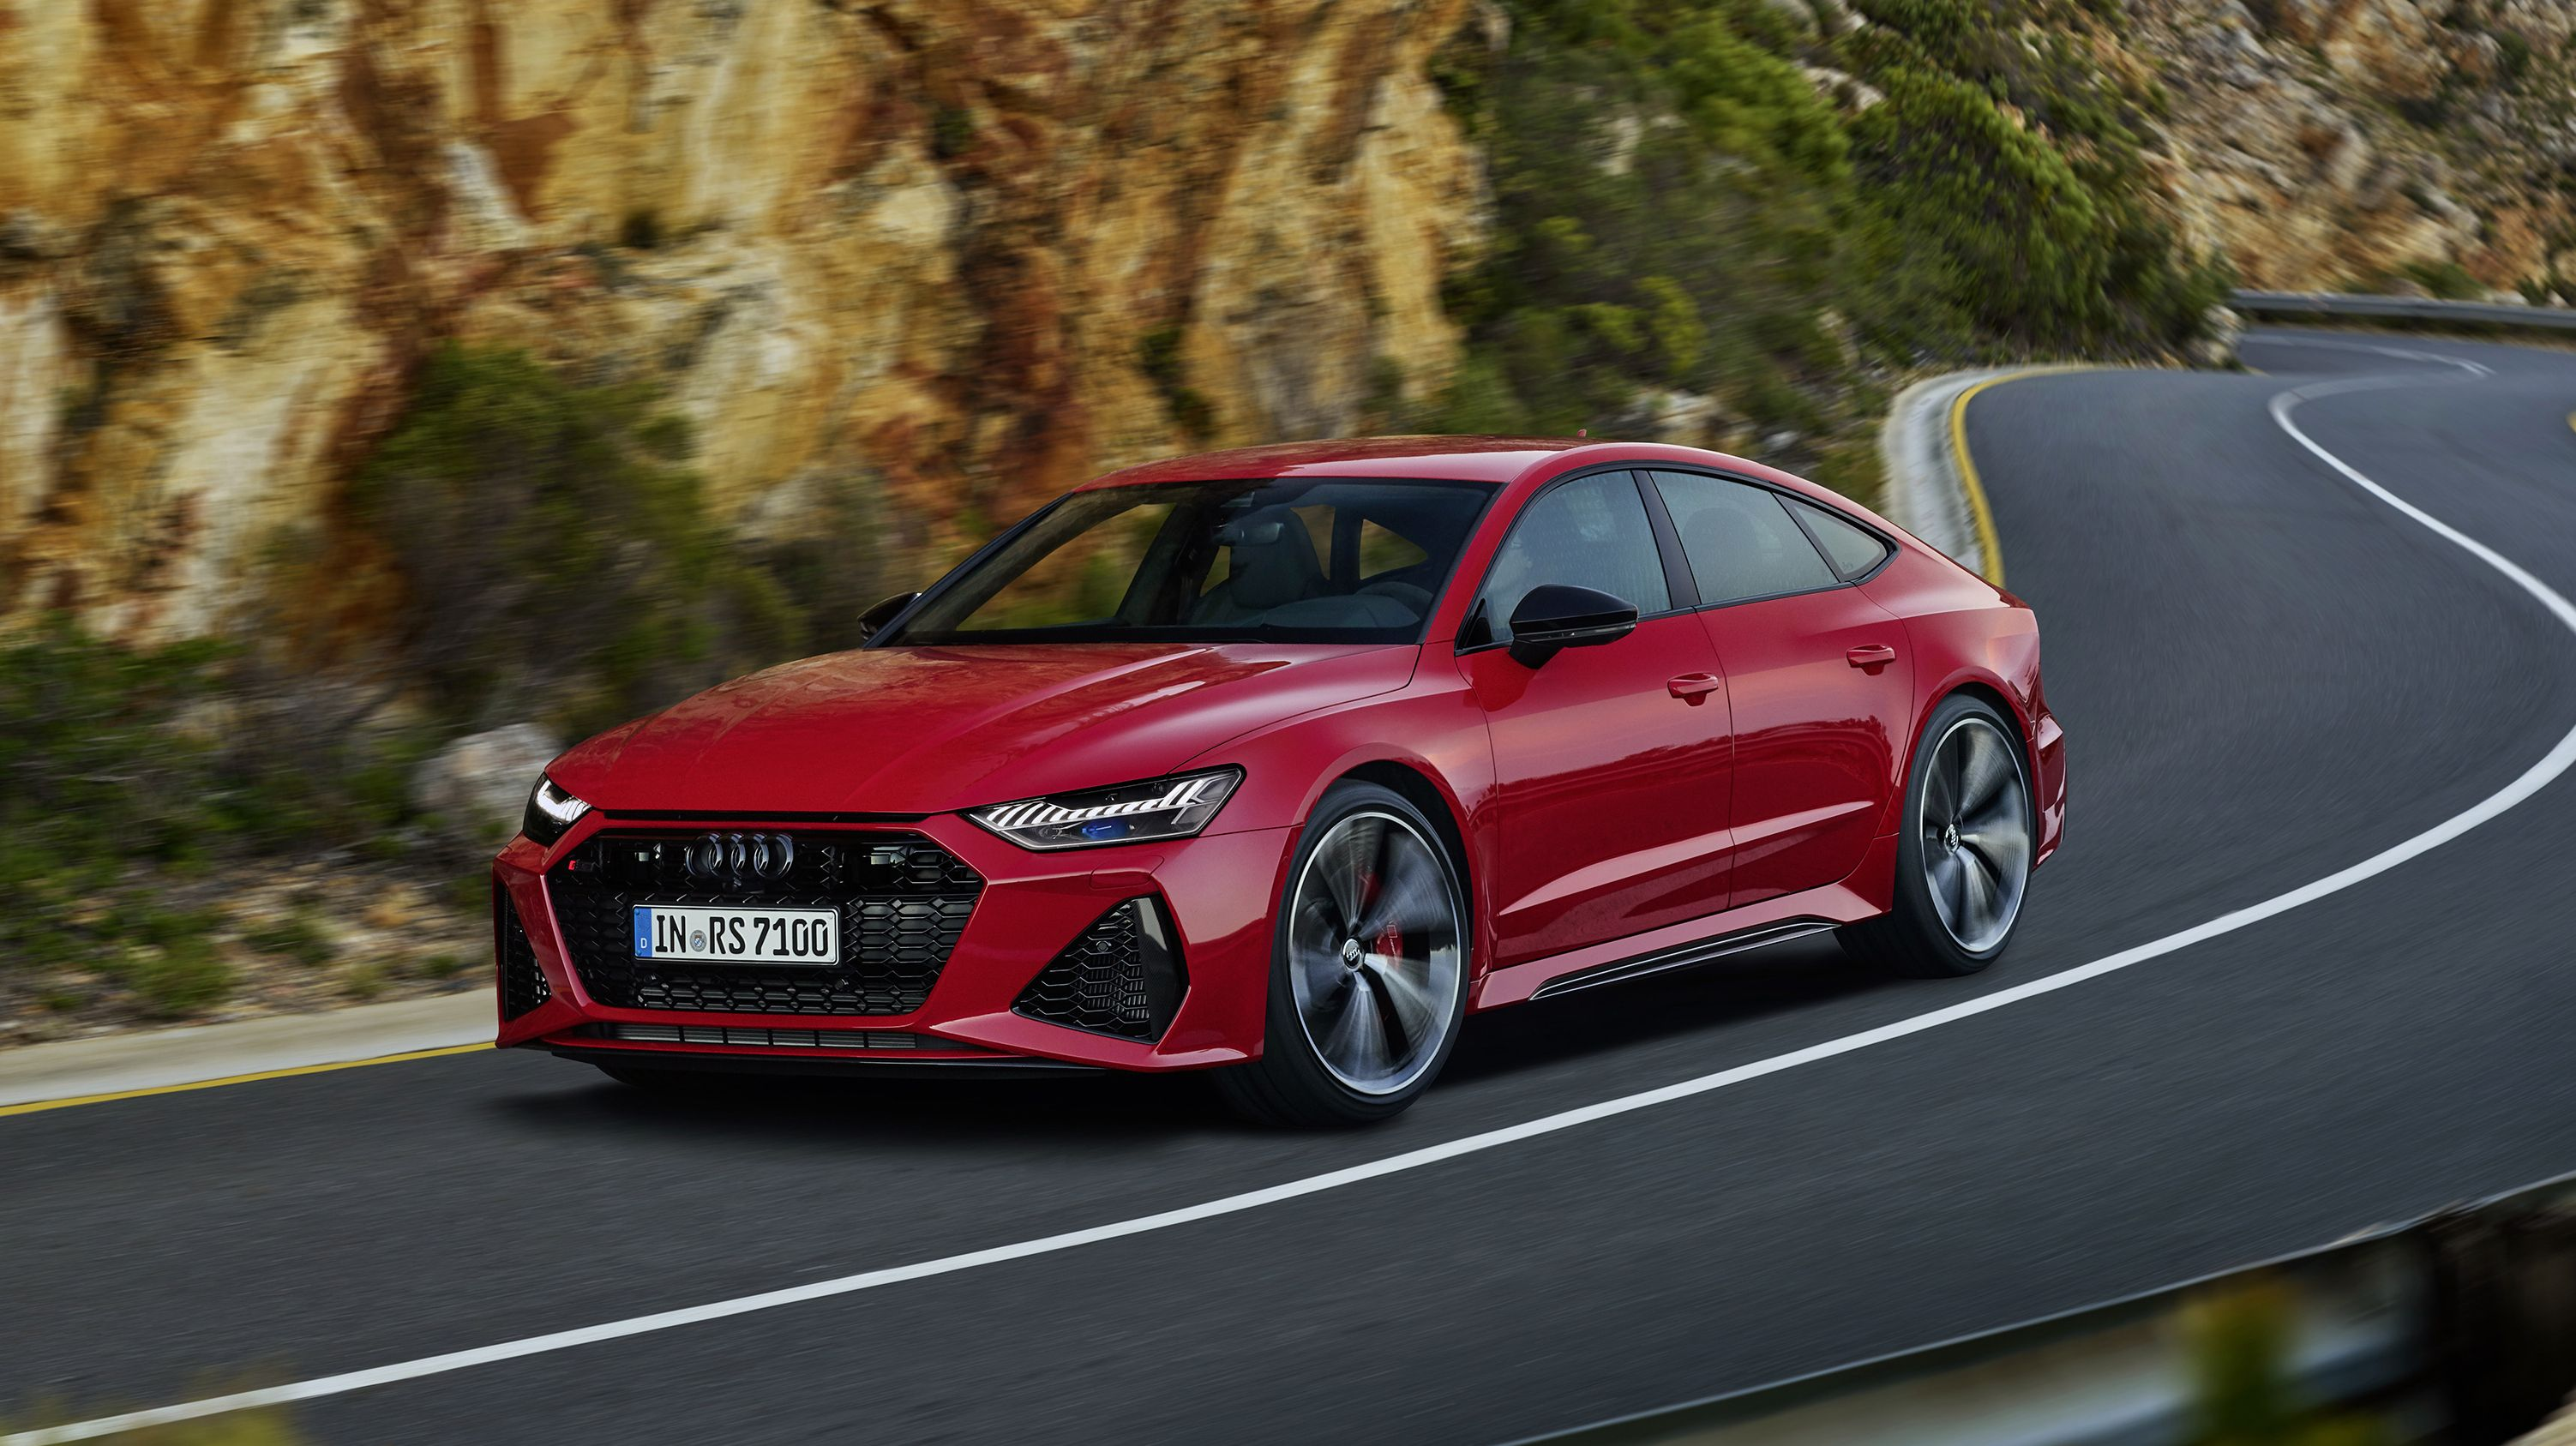 2020 Audi Rs7 Performance Cars Audi Audi Rs7